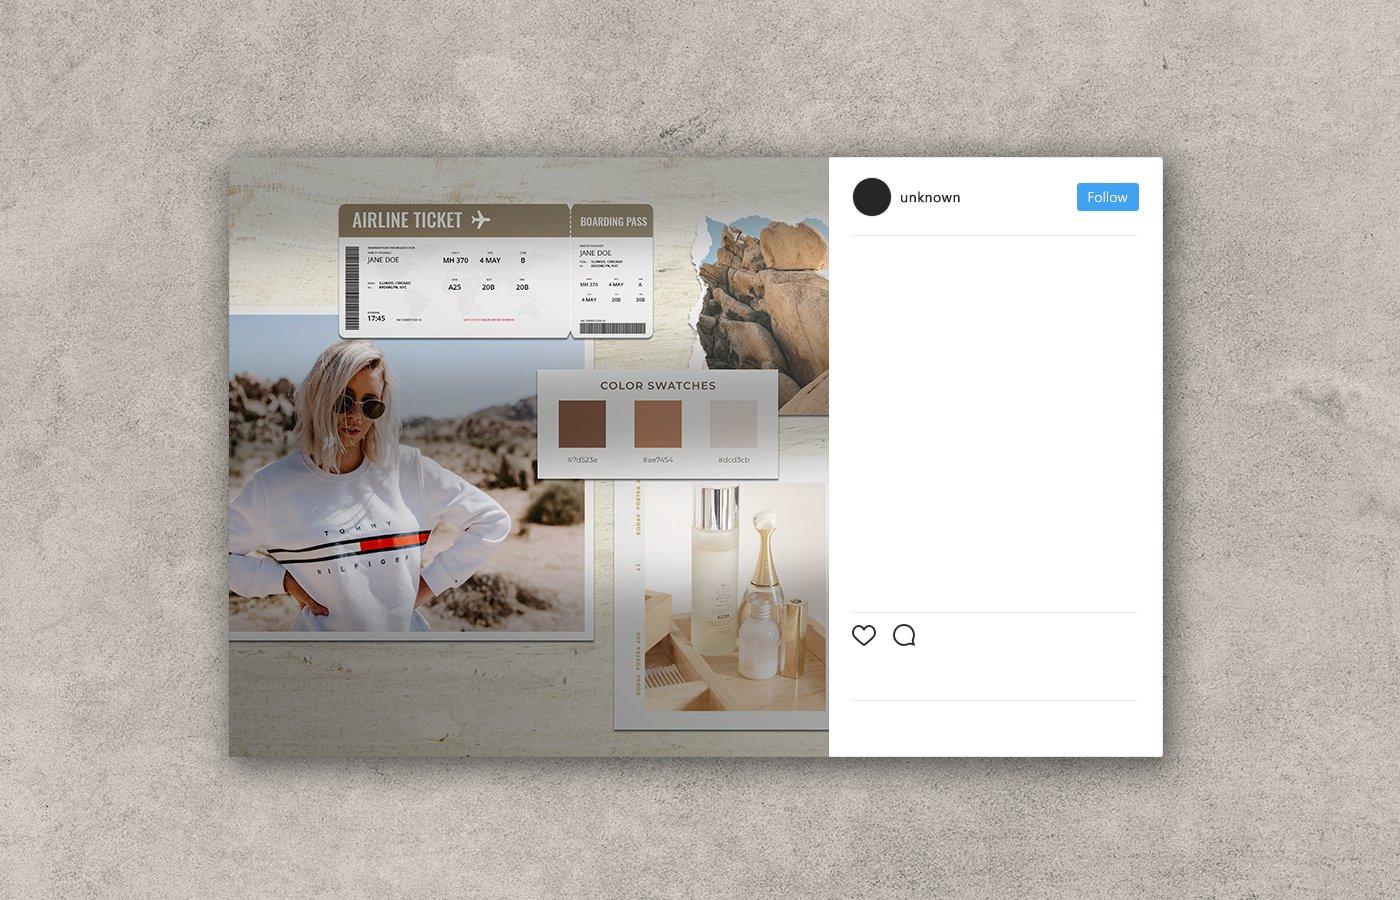 时尚剪贴相片情绪版卡片设计展示样机模板 Moodboard Mockup Kit插图(1)